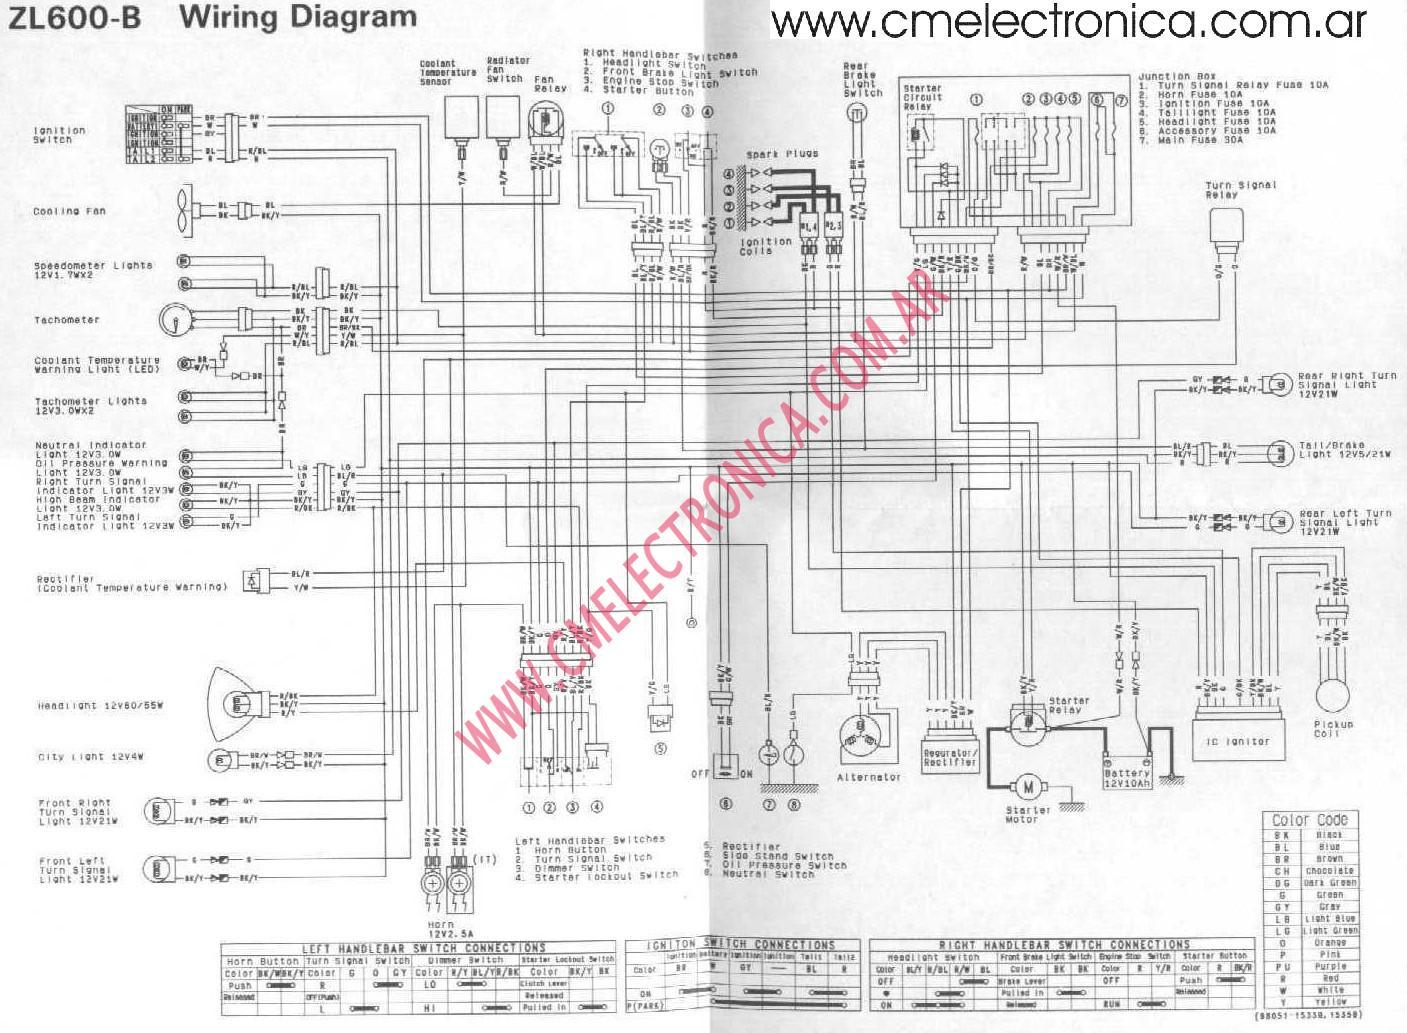 Honda Xl70 Wiring Diagram Com